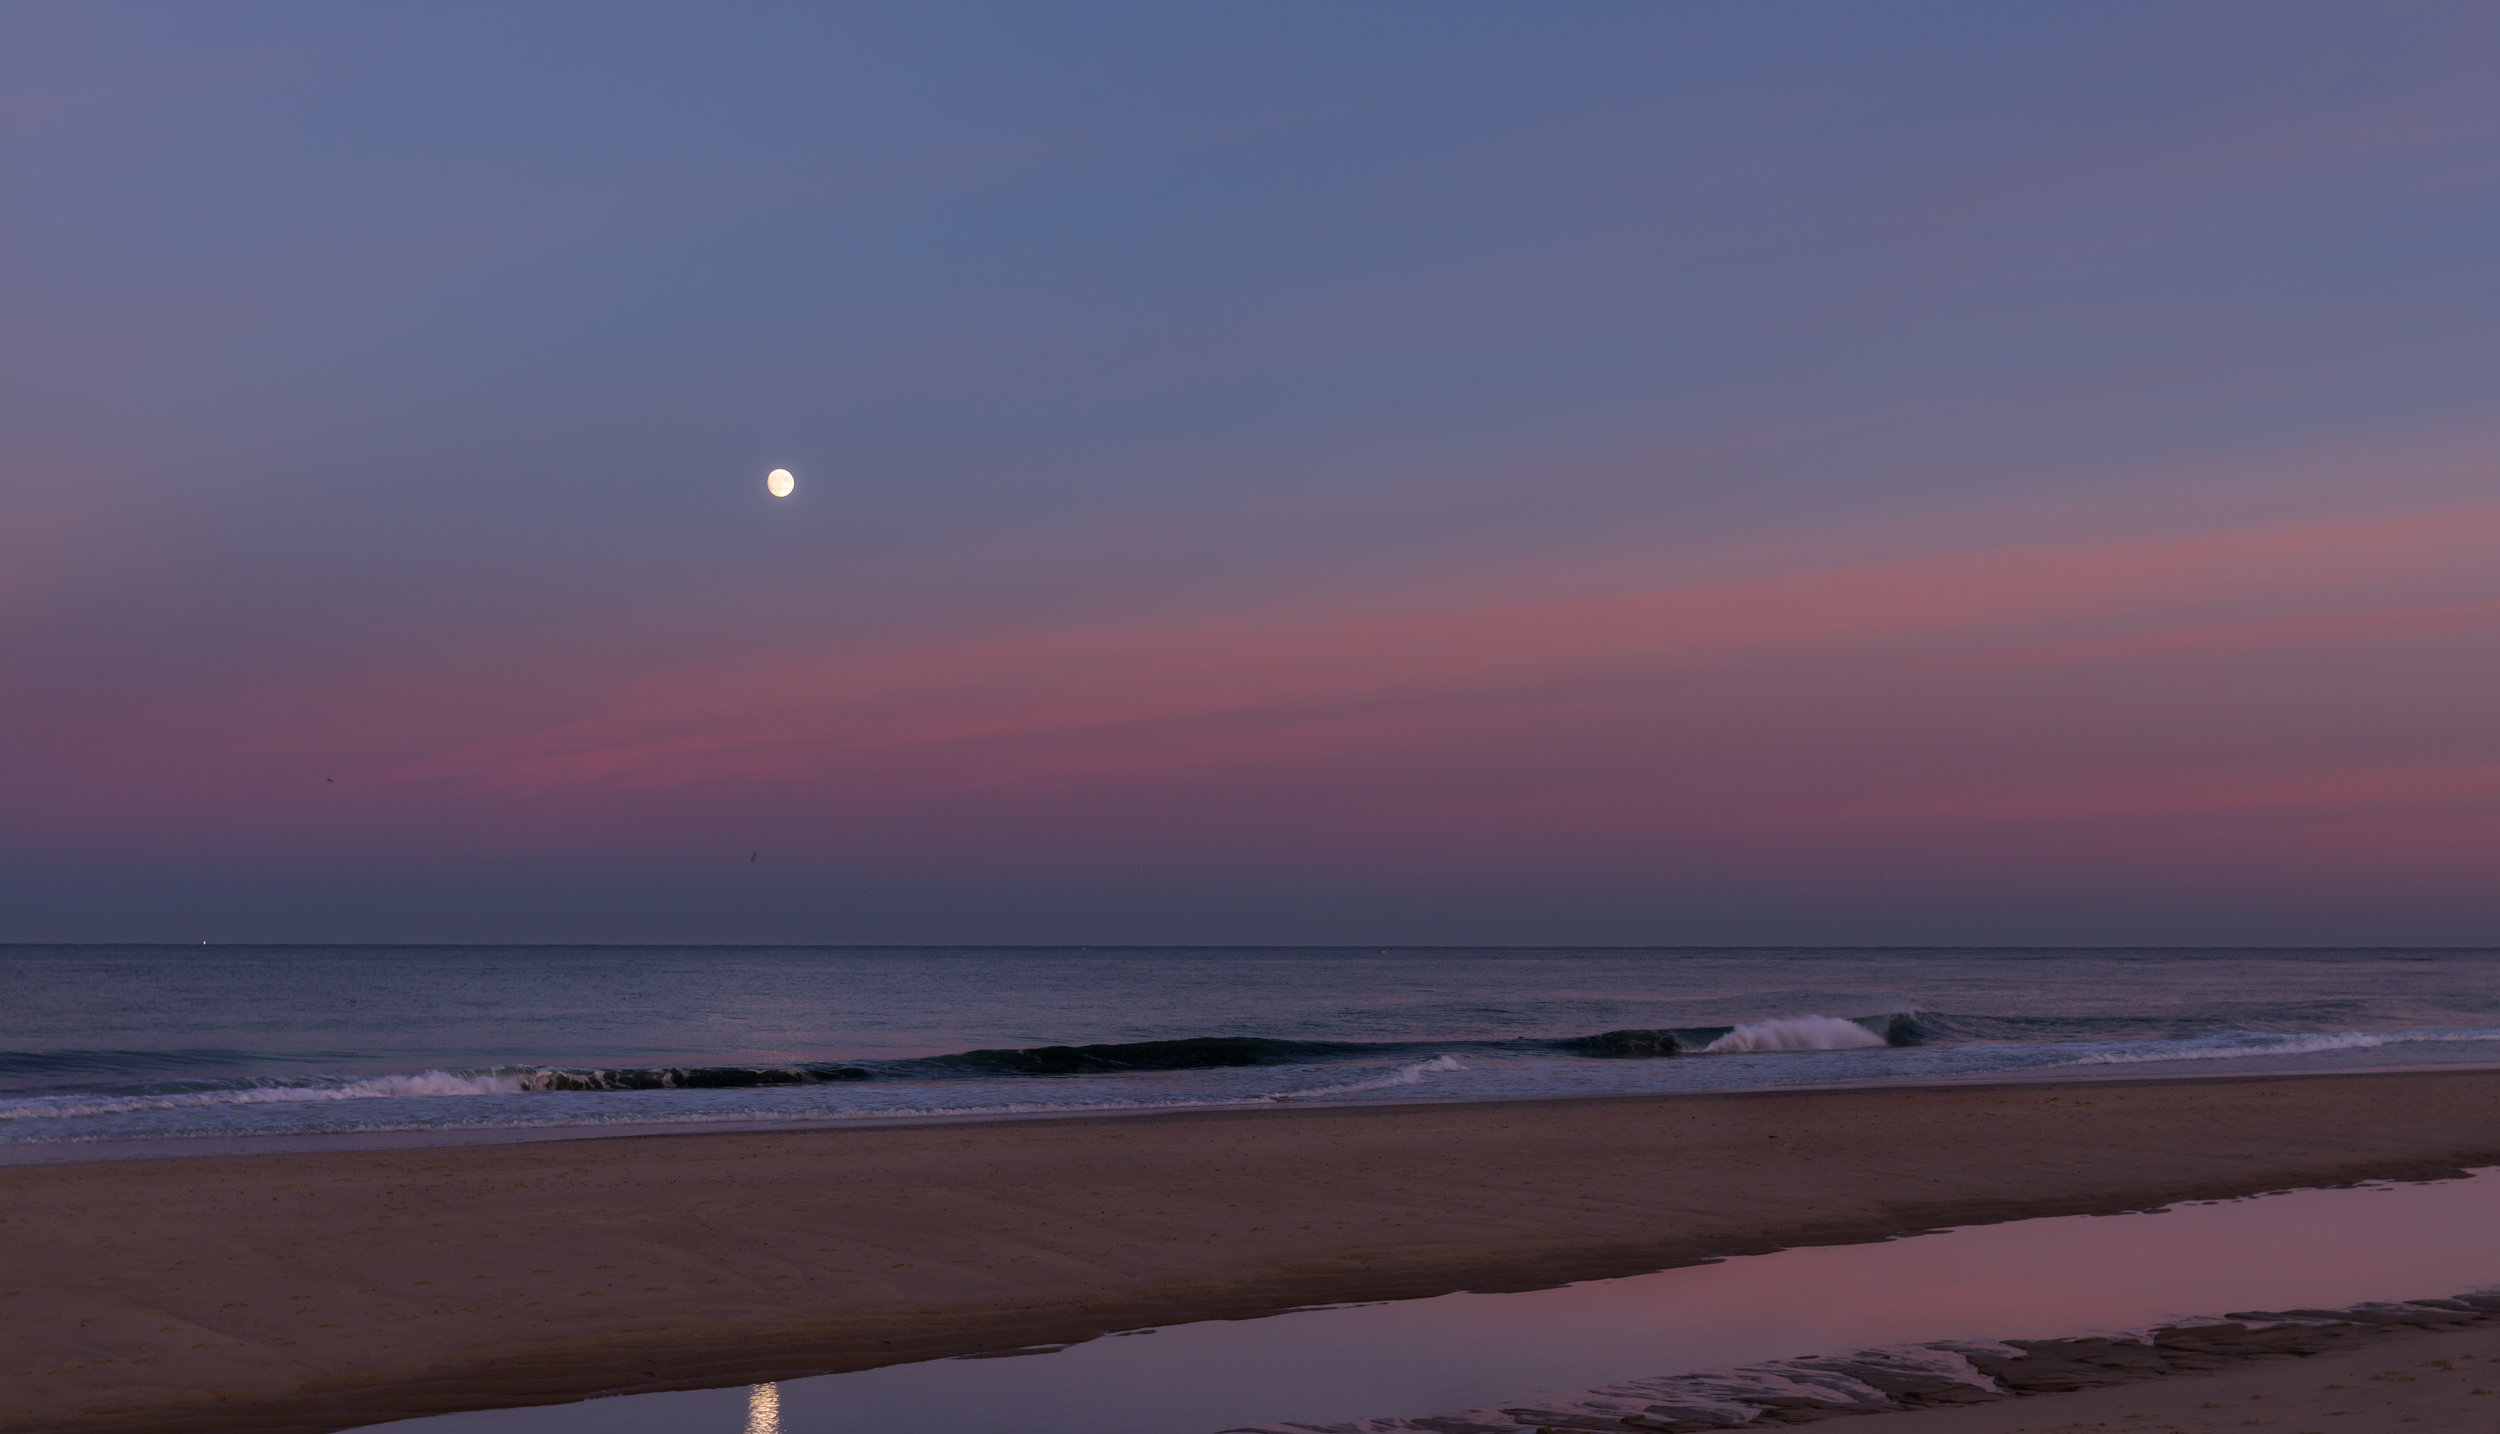 Moon over Ballston Beach